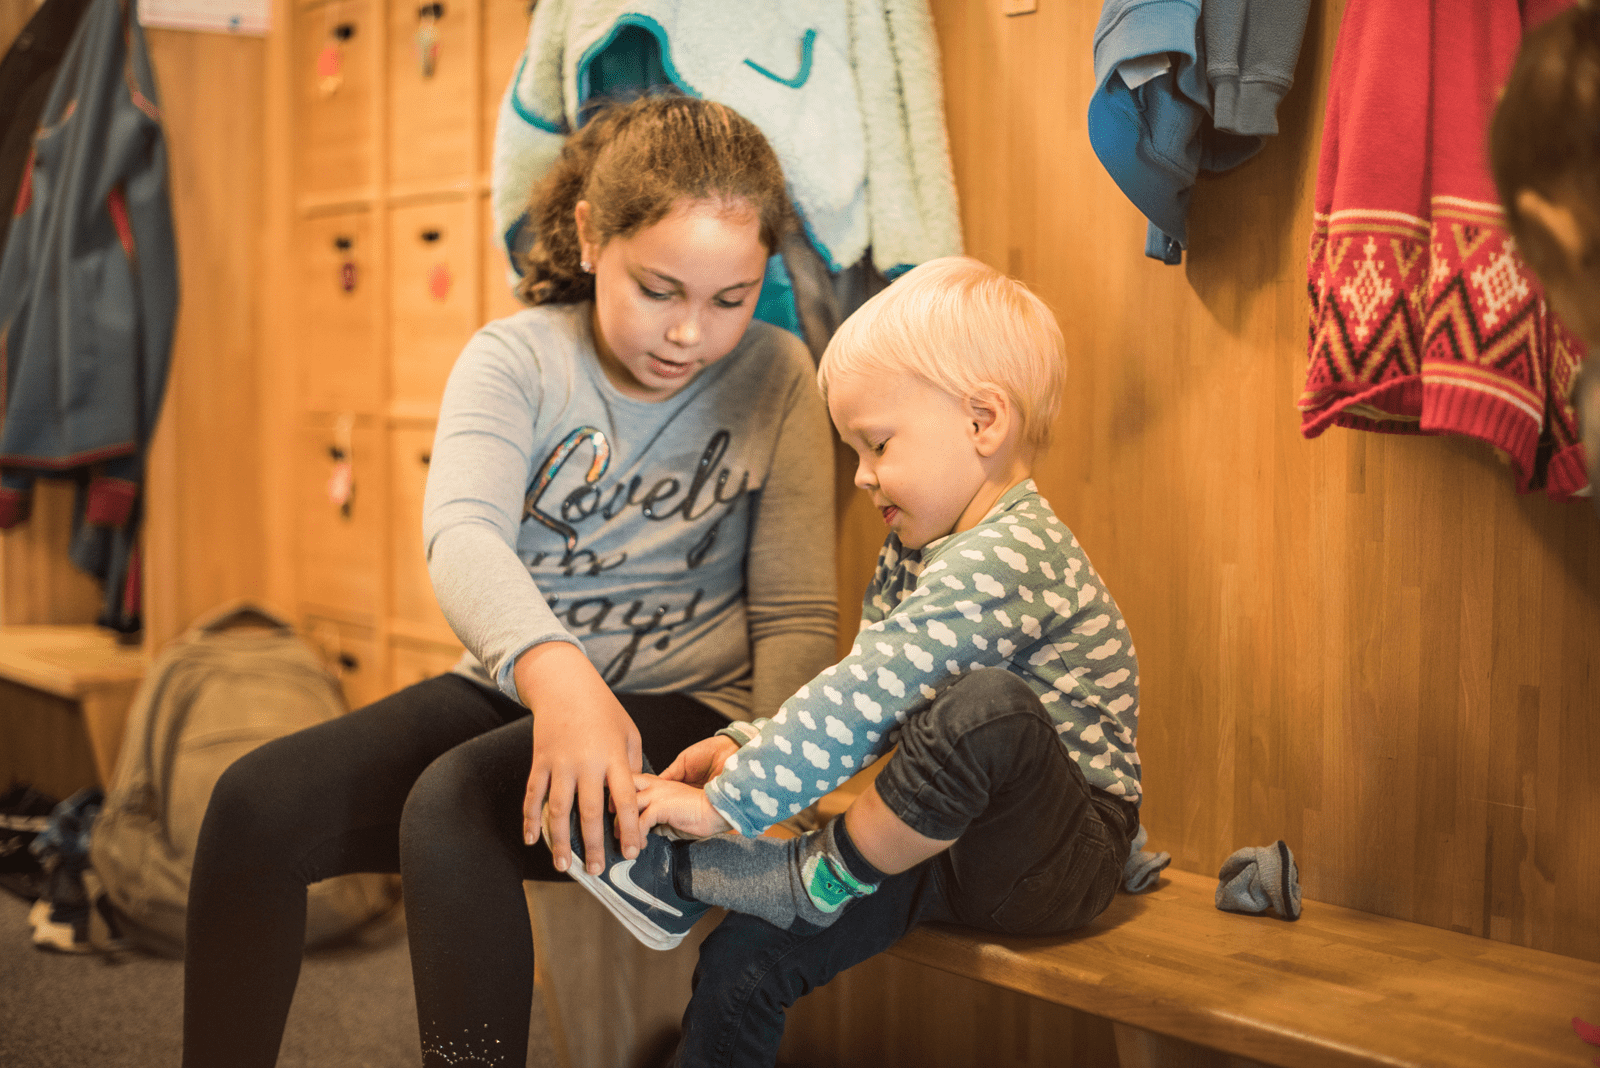 Mädchen aus Kindertagesstätte hilft einem Jungen die Schuhe anzuziehen.